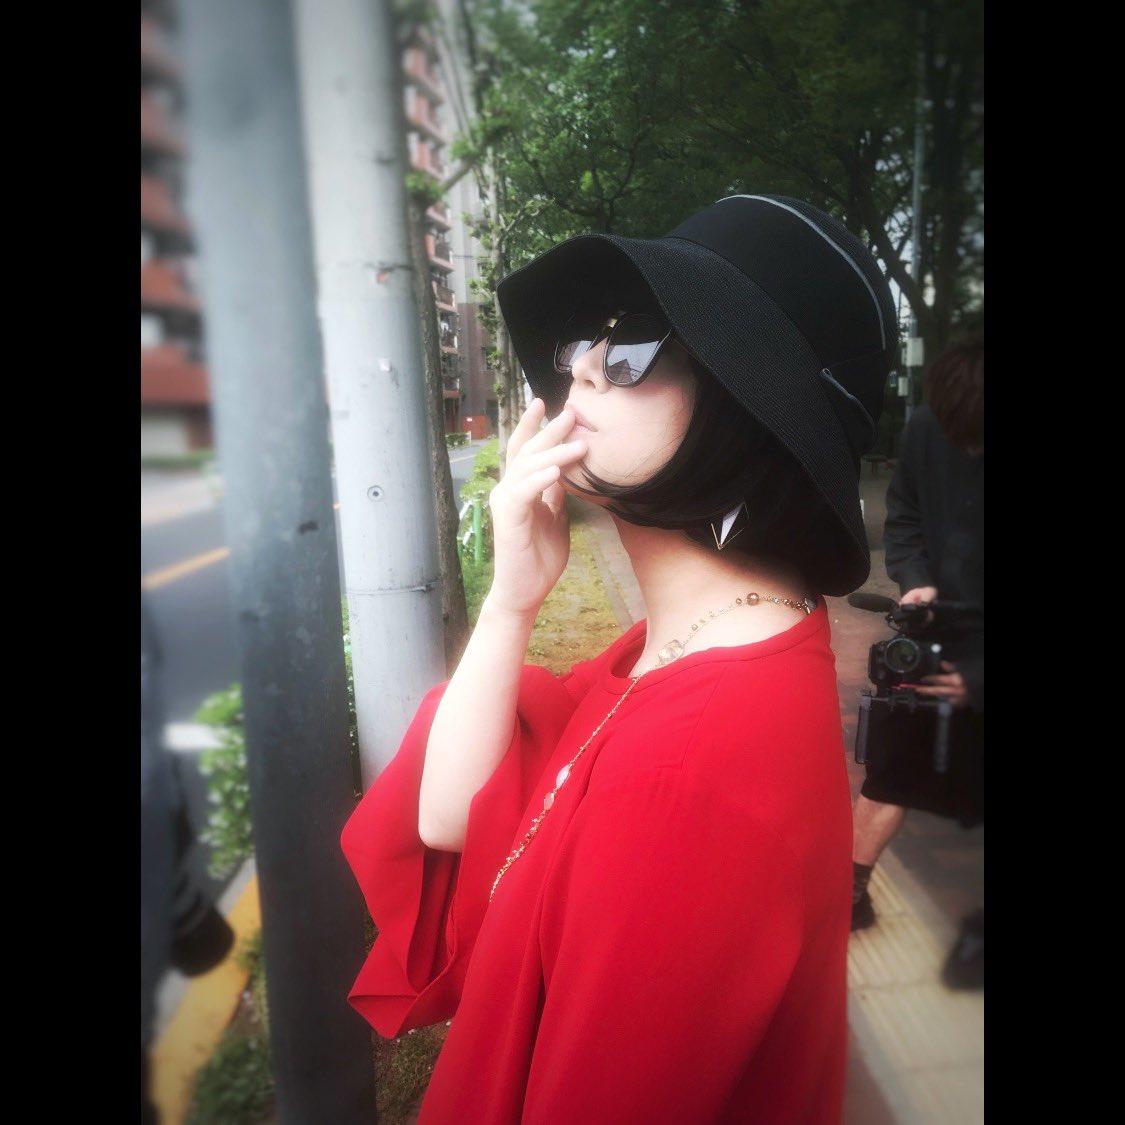 offshoot懐かしいのでてきた笑MV以来会ってないけど、元気かな😌#壮子